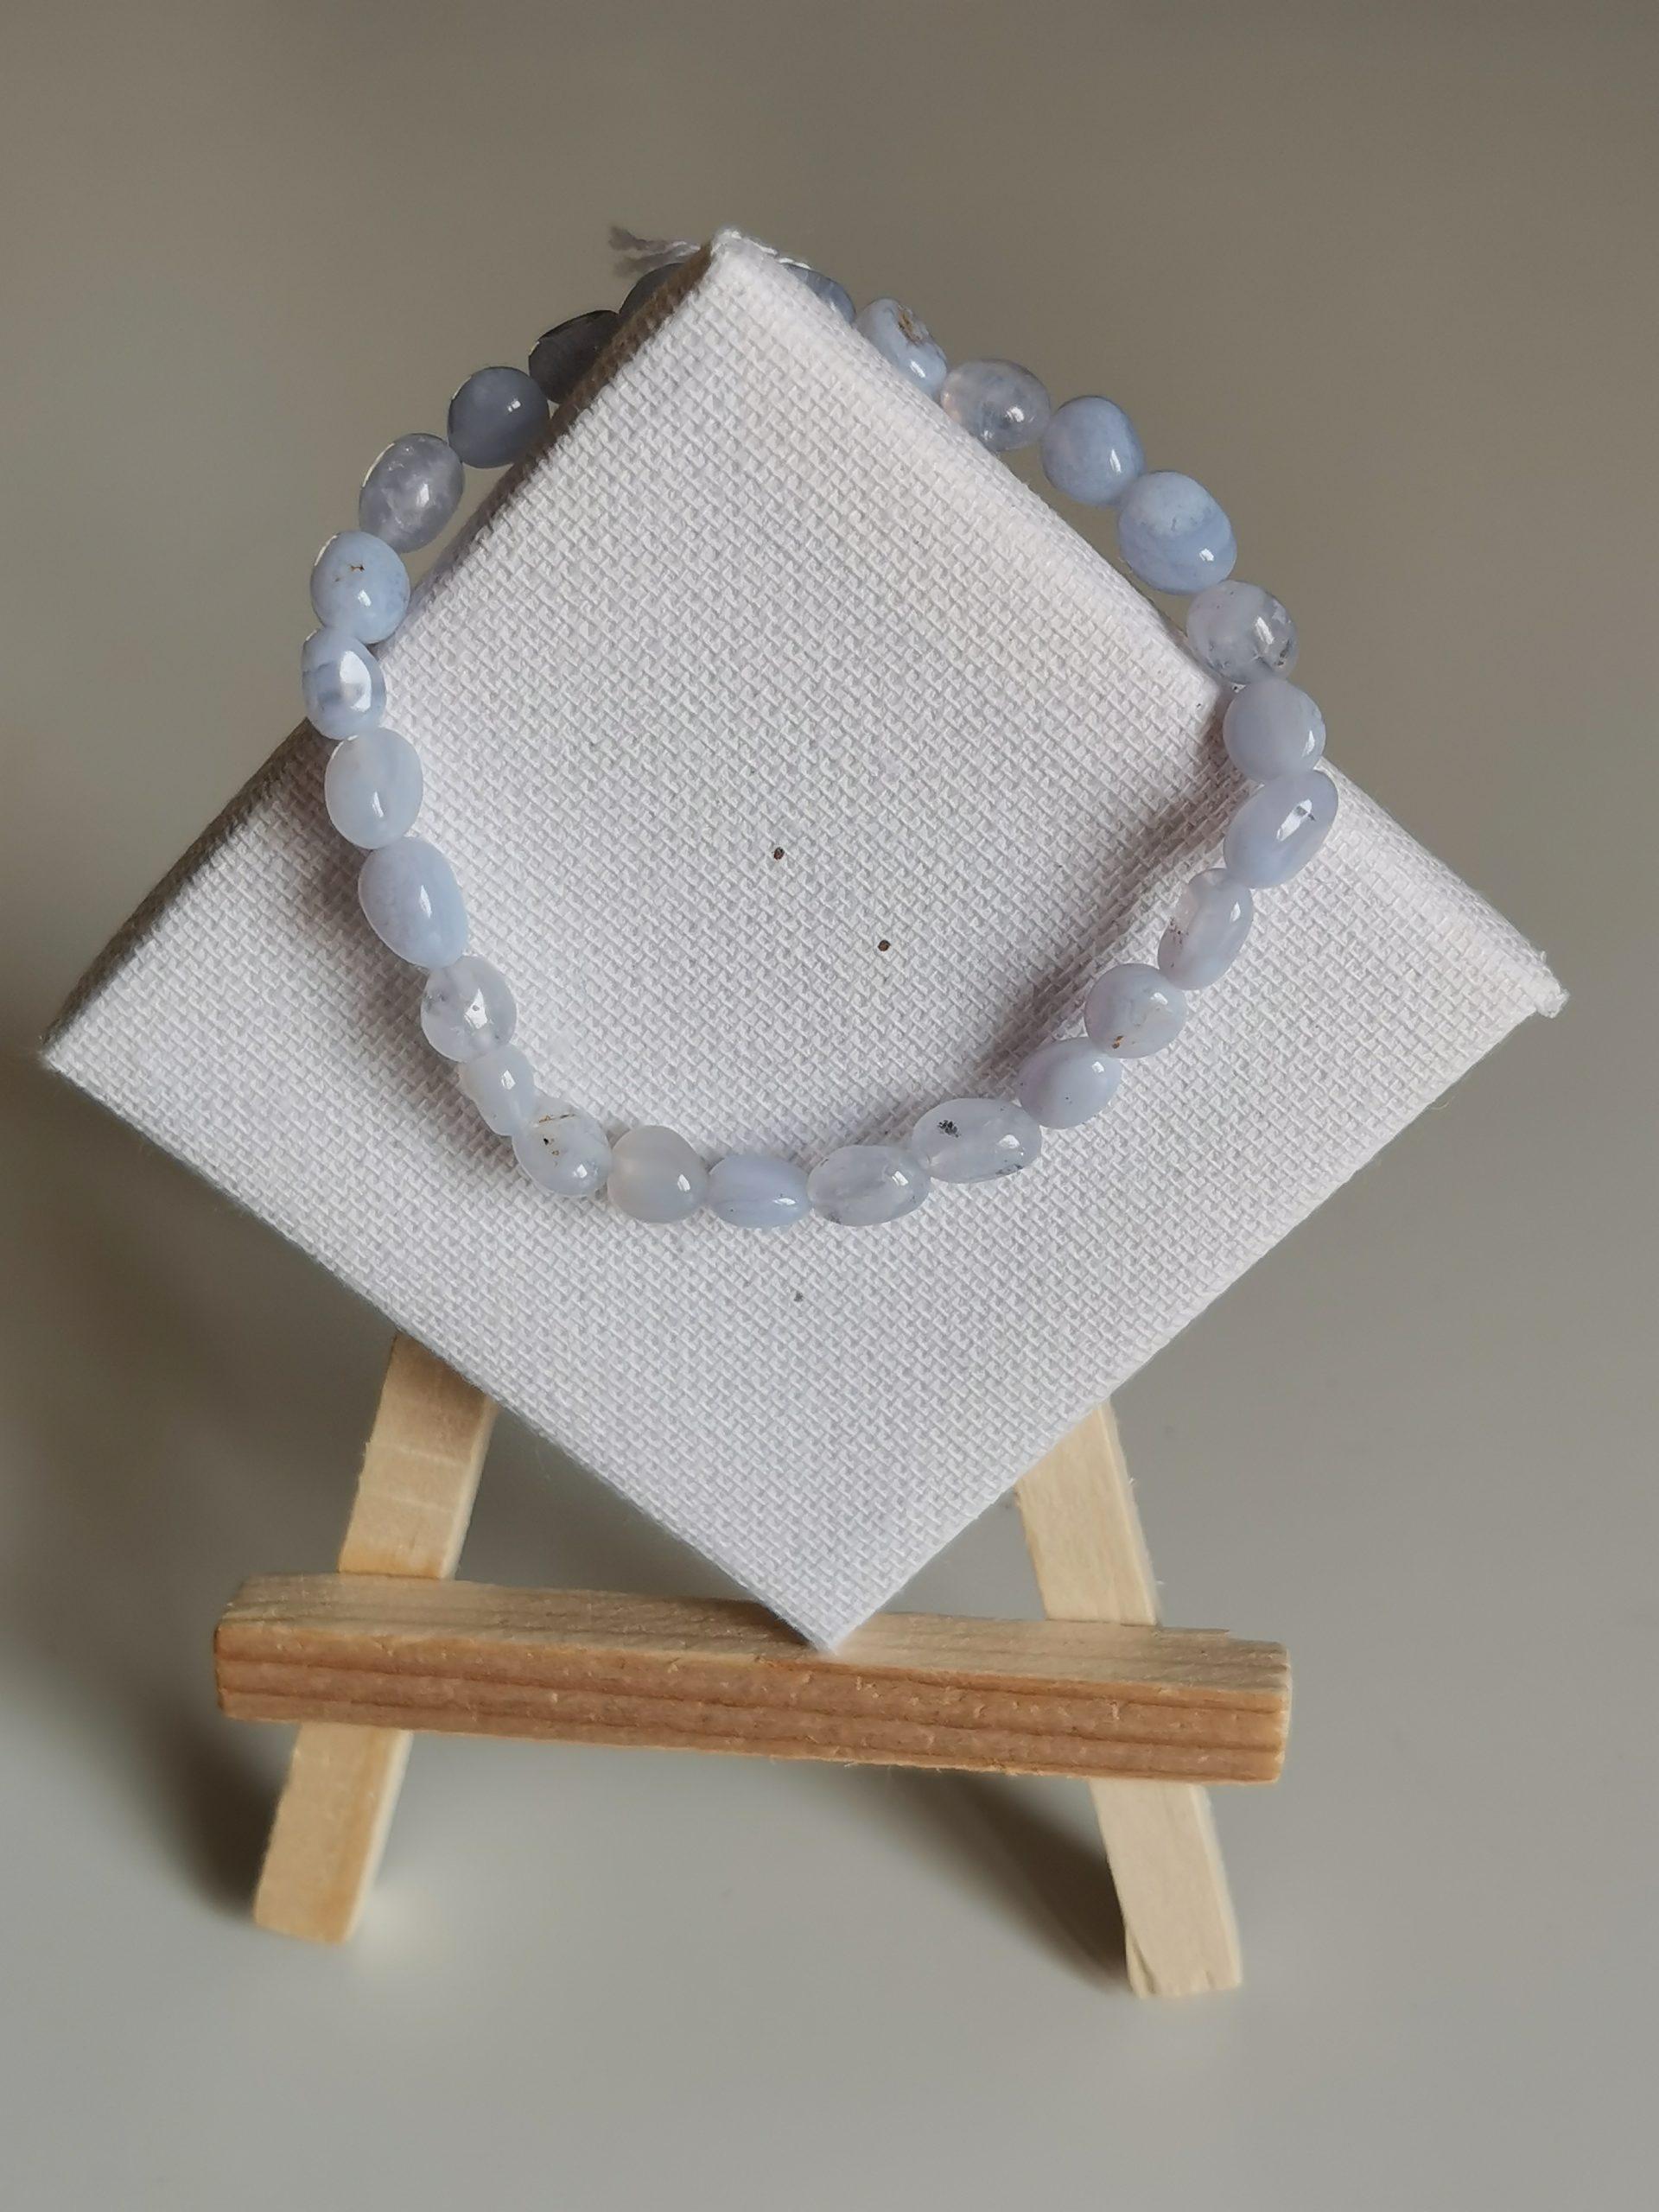 Bracelet agate blue lace